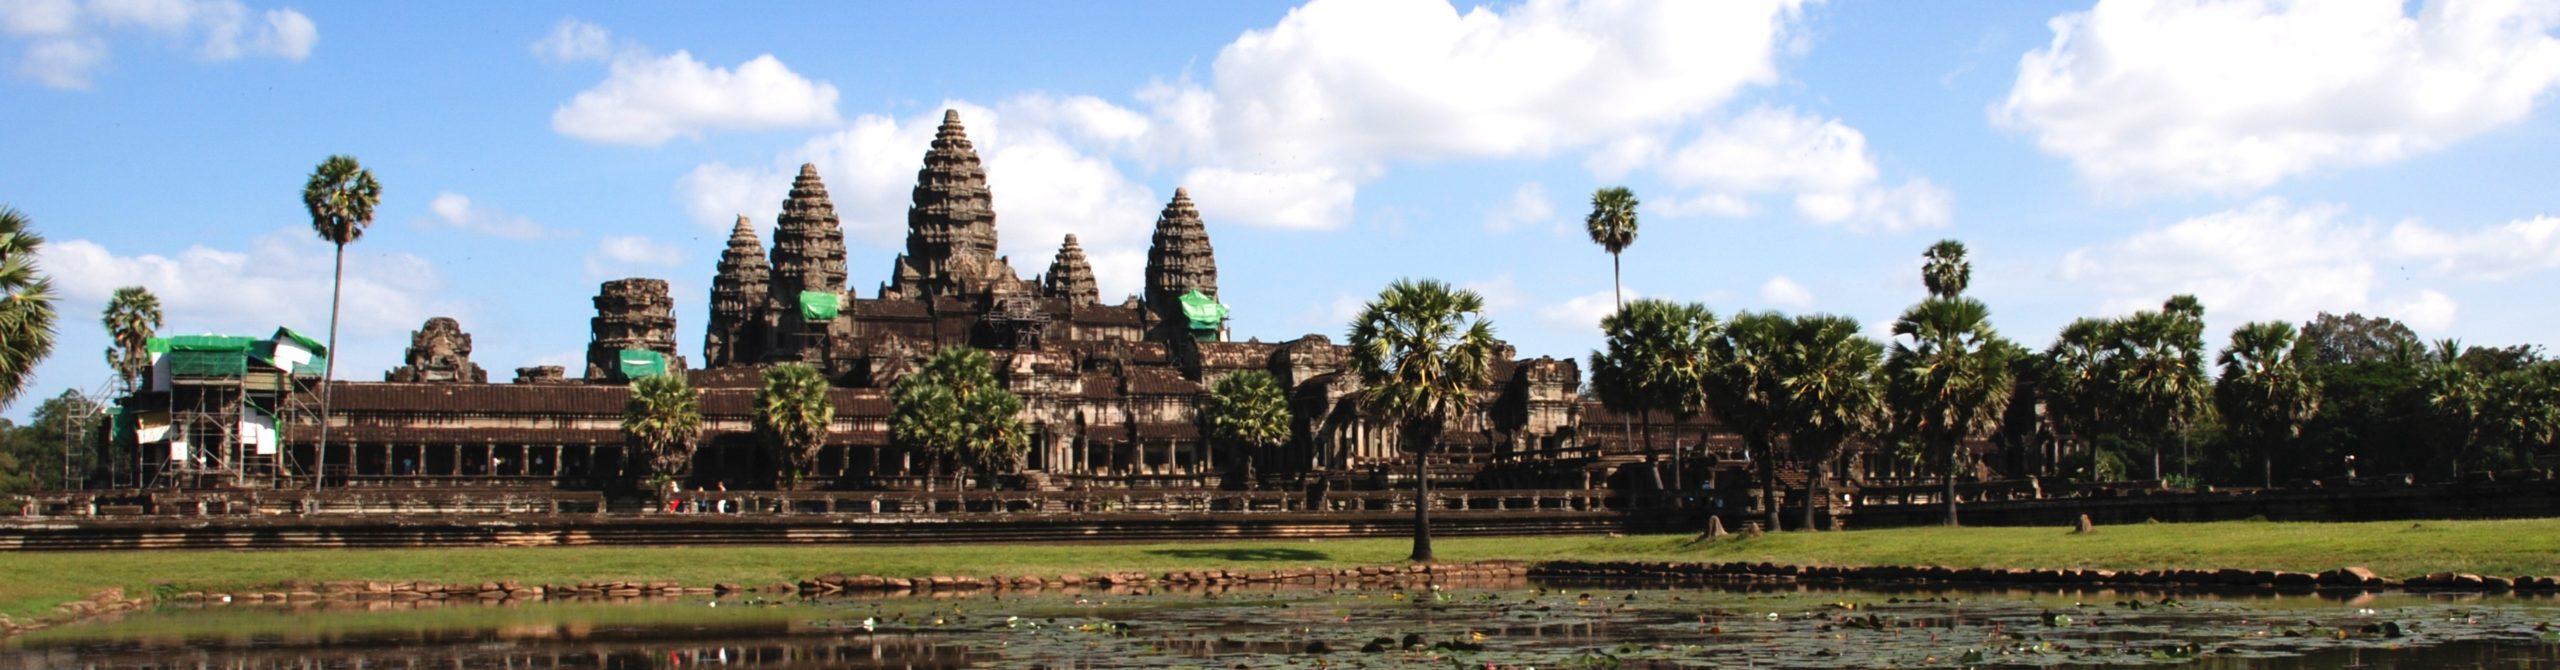 Angkor Wat in Kambodscha – Angkorwat.de